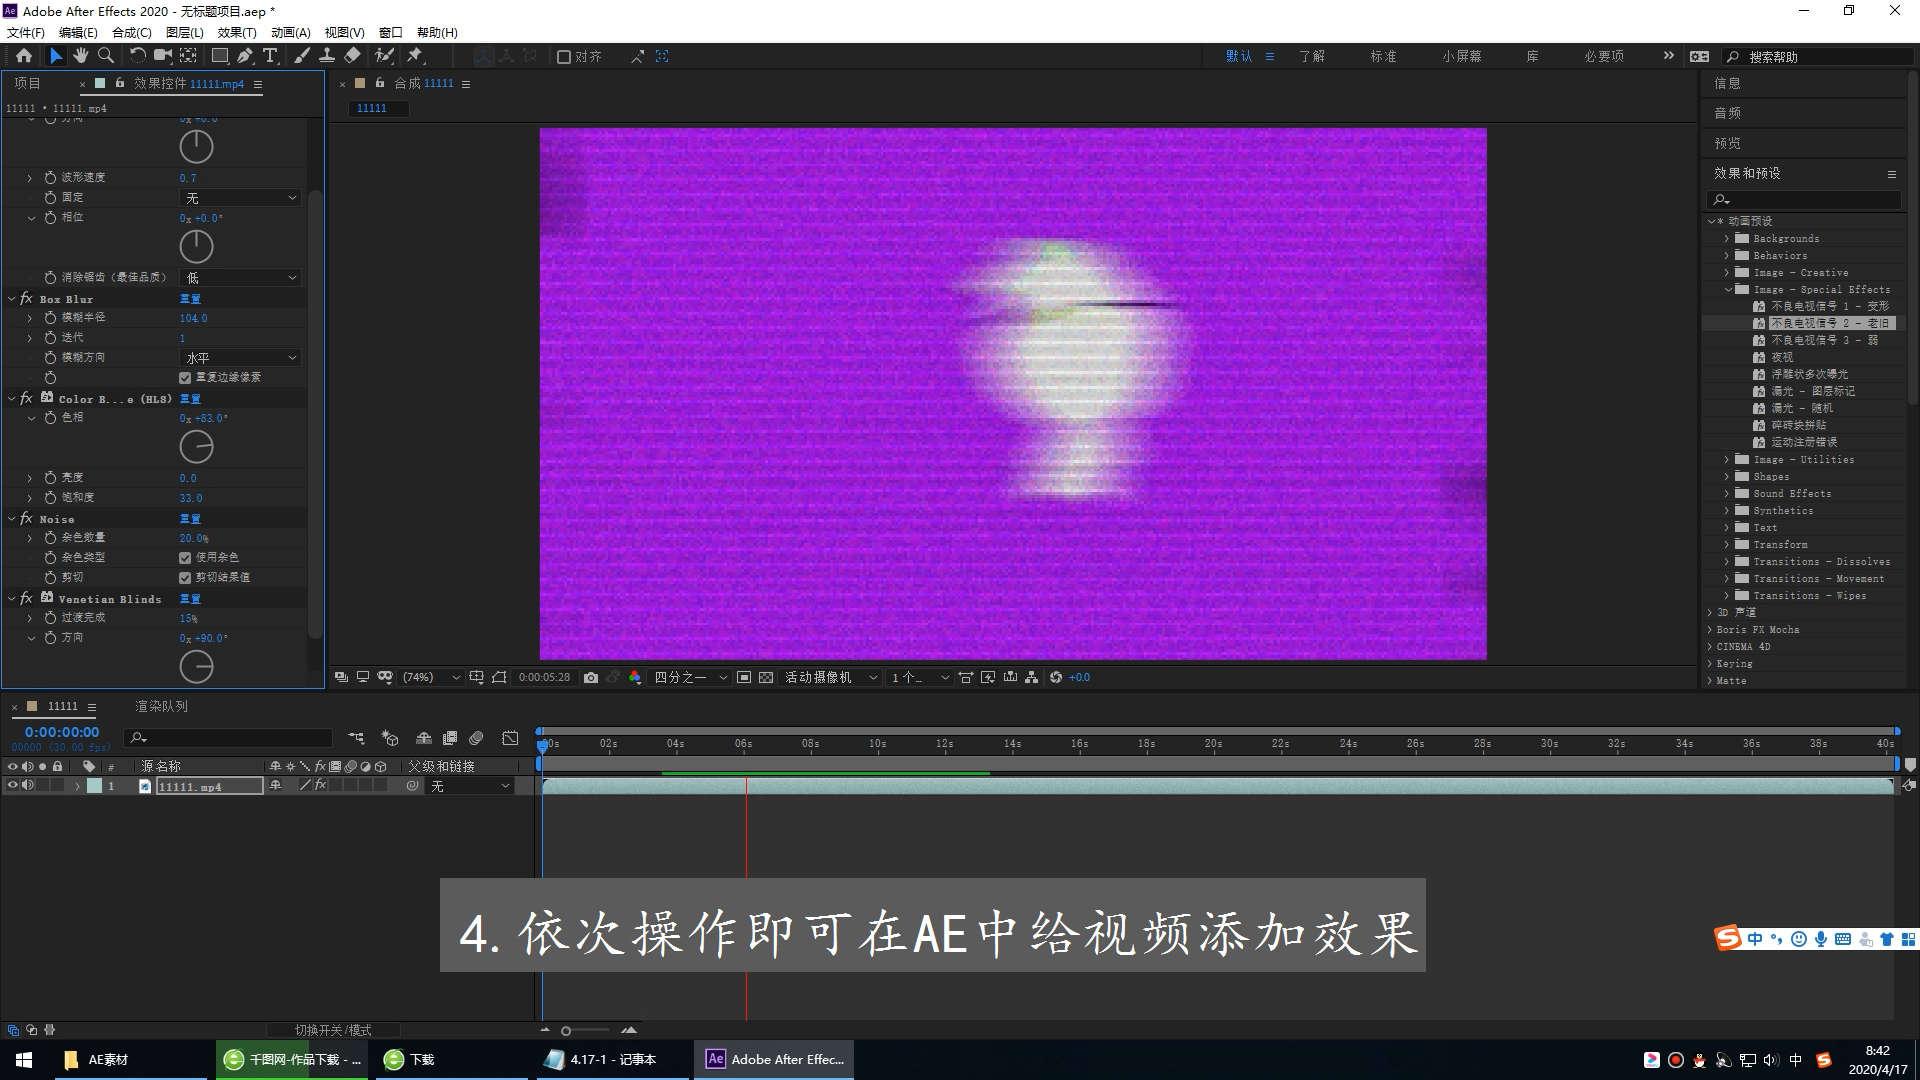 ae怎么给视频加效果第4步